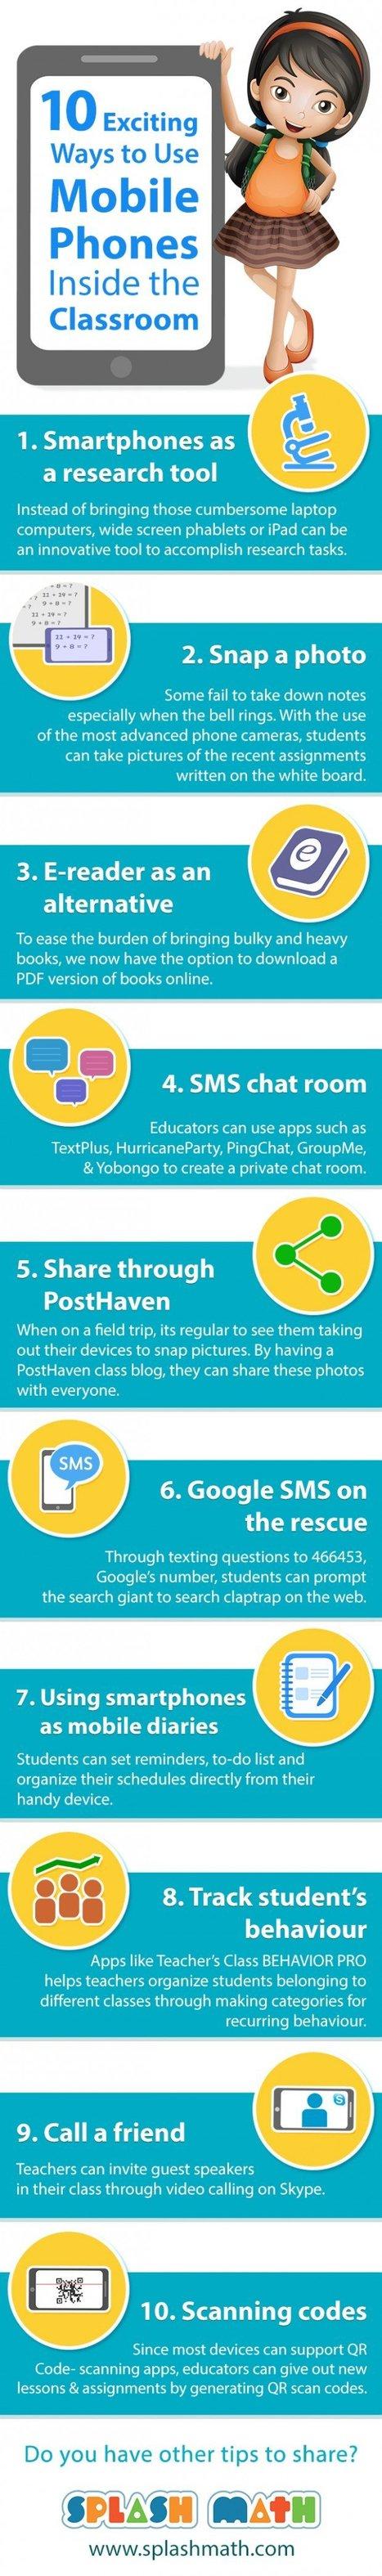 10 modi per integrare gli smartphone nella didattica d'aula - 10 Good Ways to Integrate Mobile Phones in Class | AulaMagazine Scuola e Tecnologie Didattiche | Scoop.it